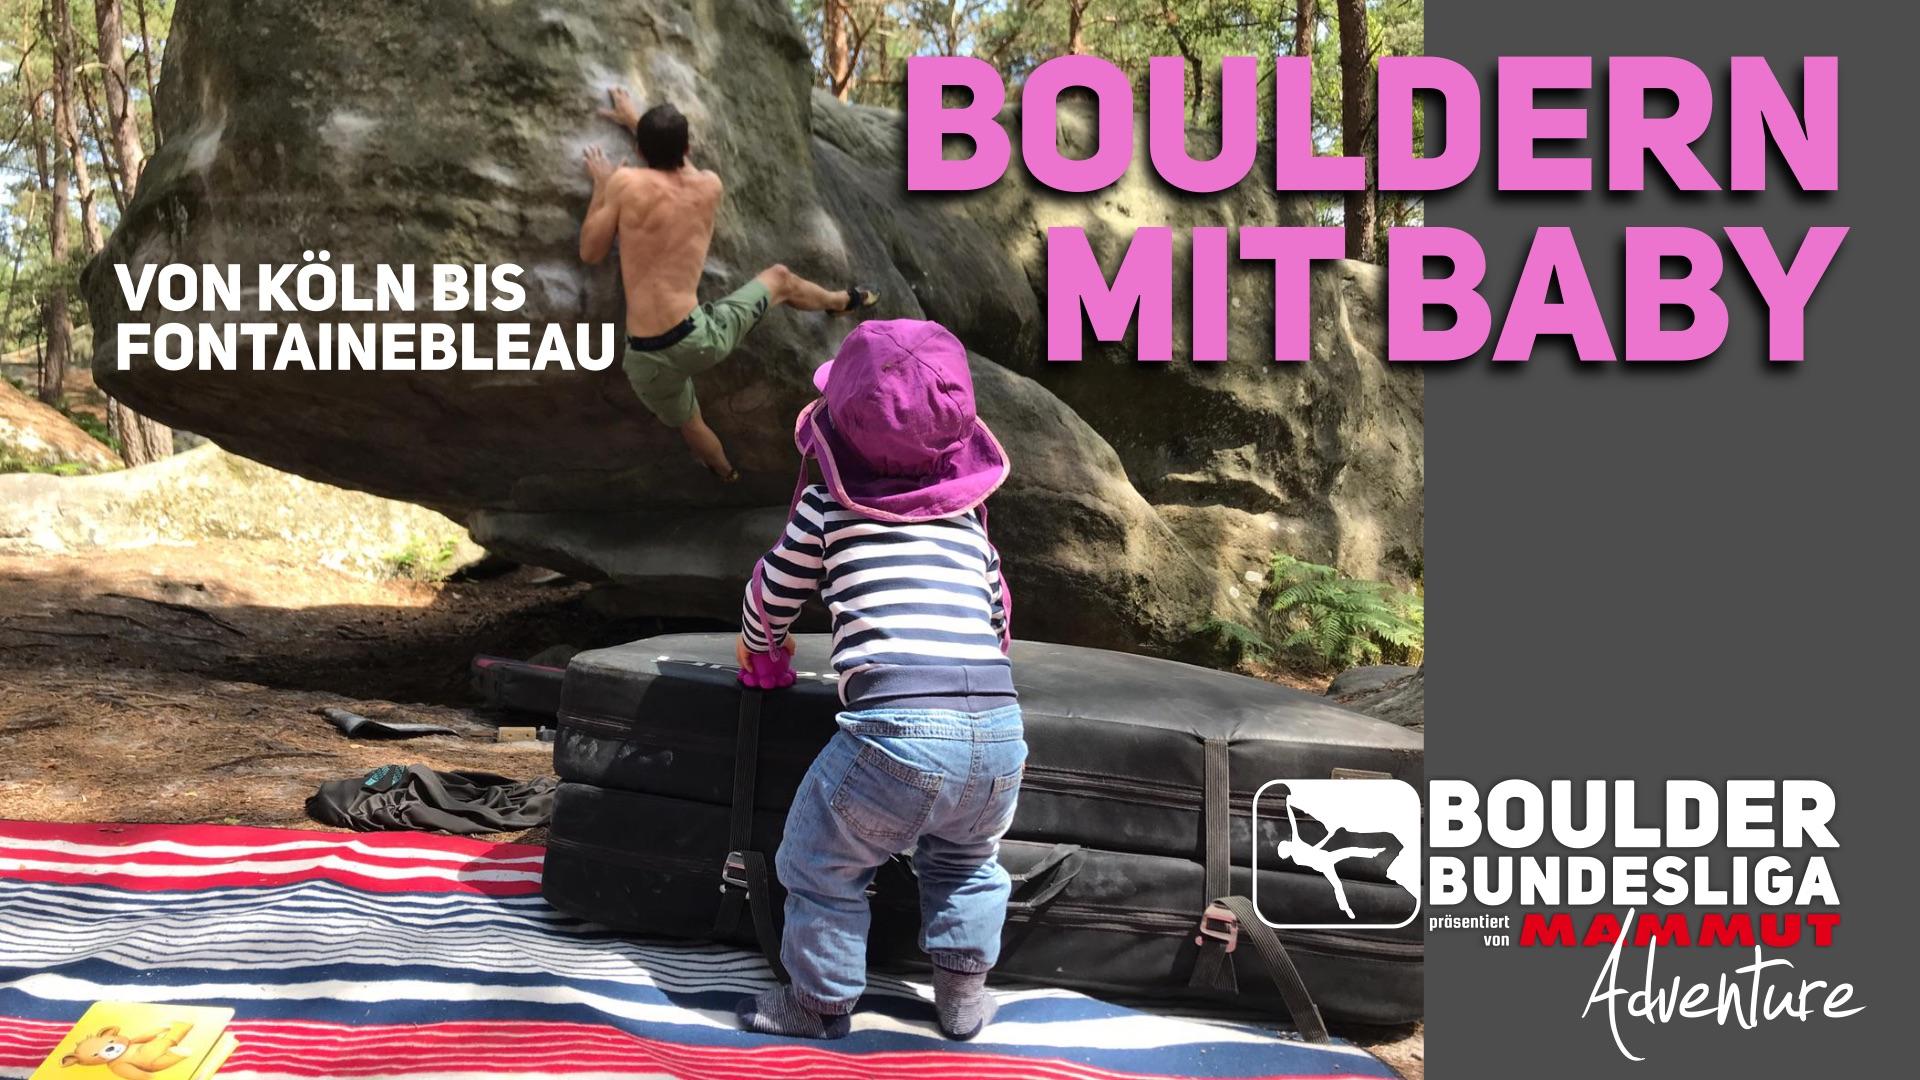 Bouldern mit Baby – von Köln bis Fontainebleau